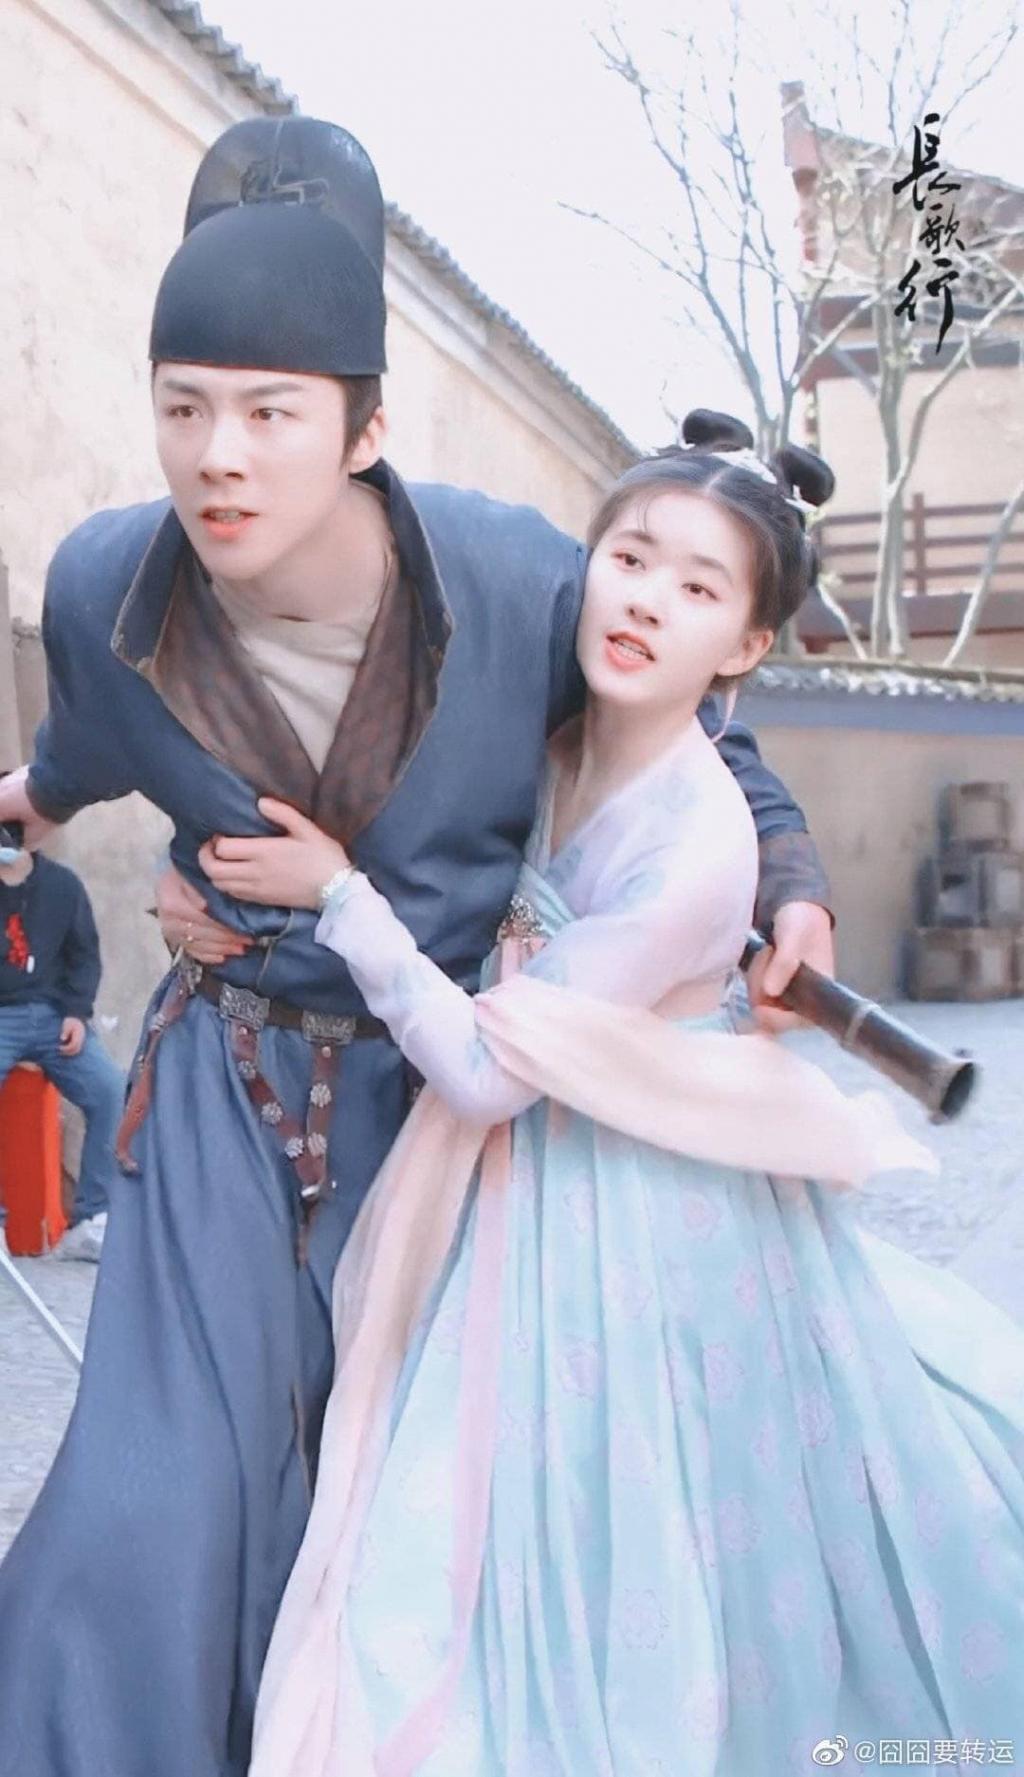 'Trường Ca Hành': Triệu Lộ Tư cùng mỹ nam Lưu Vũ Ninh tạo couple siêu thoại với 50 triệu lượt yêu thích